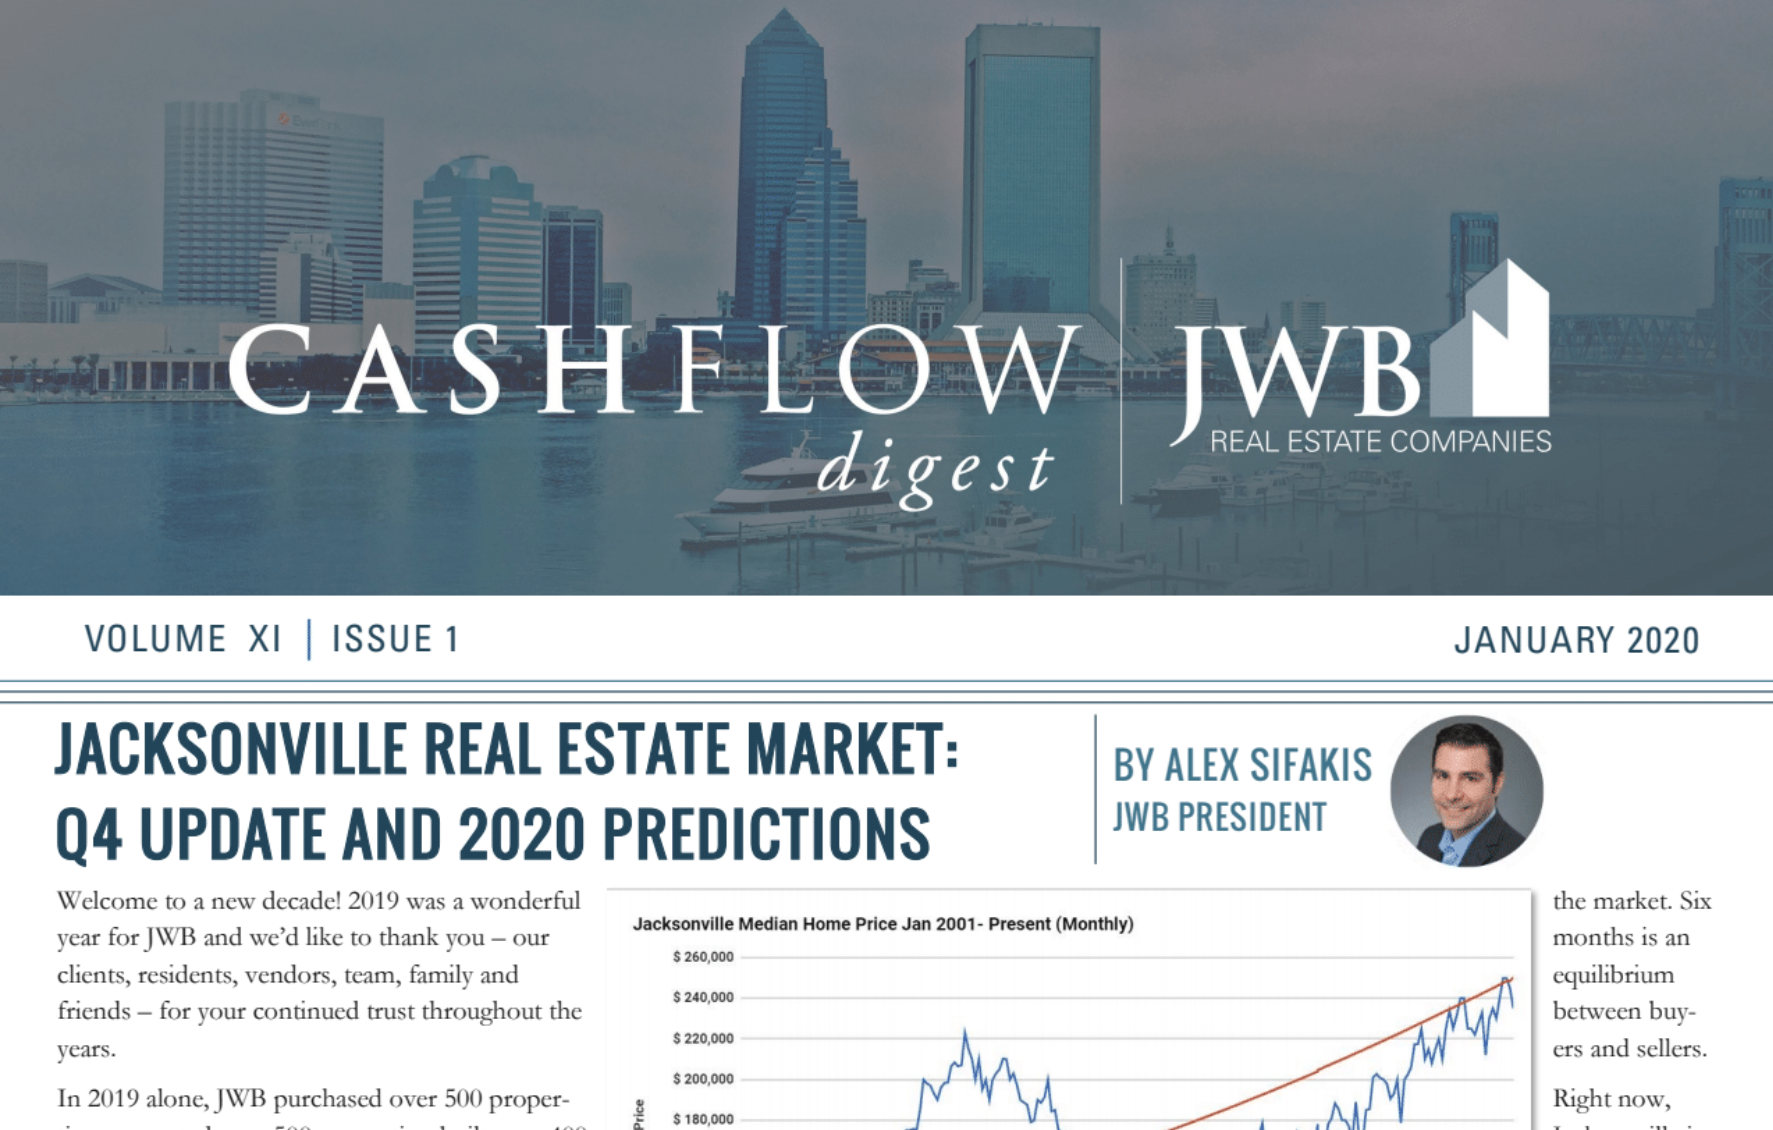 JWB Cash Flow Digest January 2020